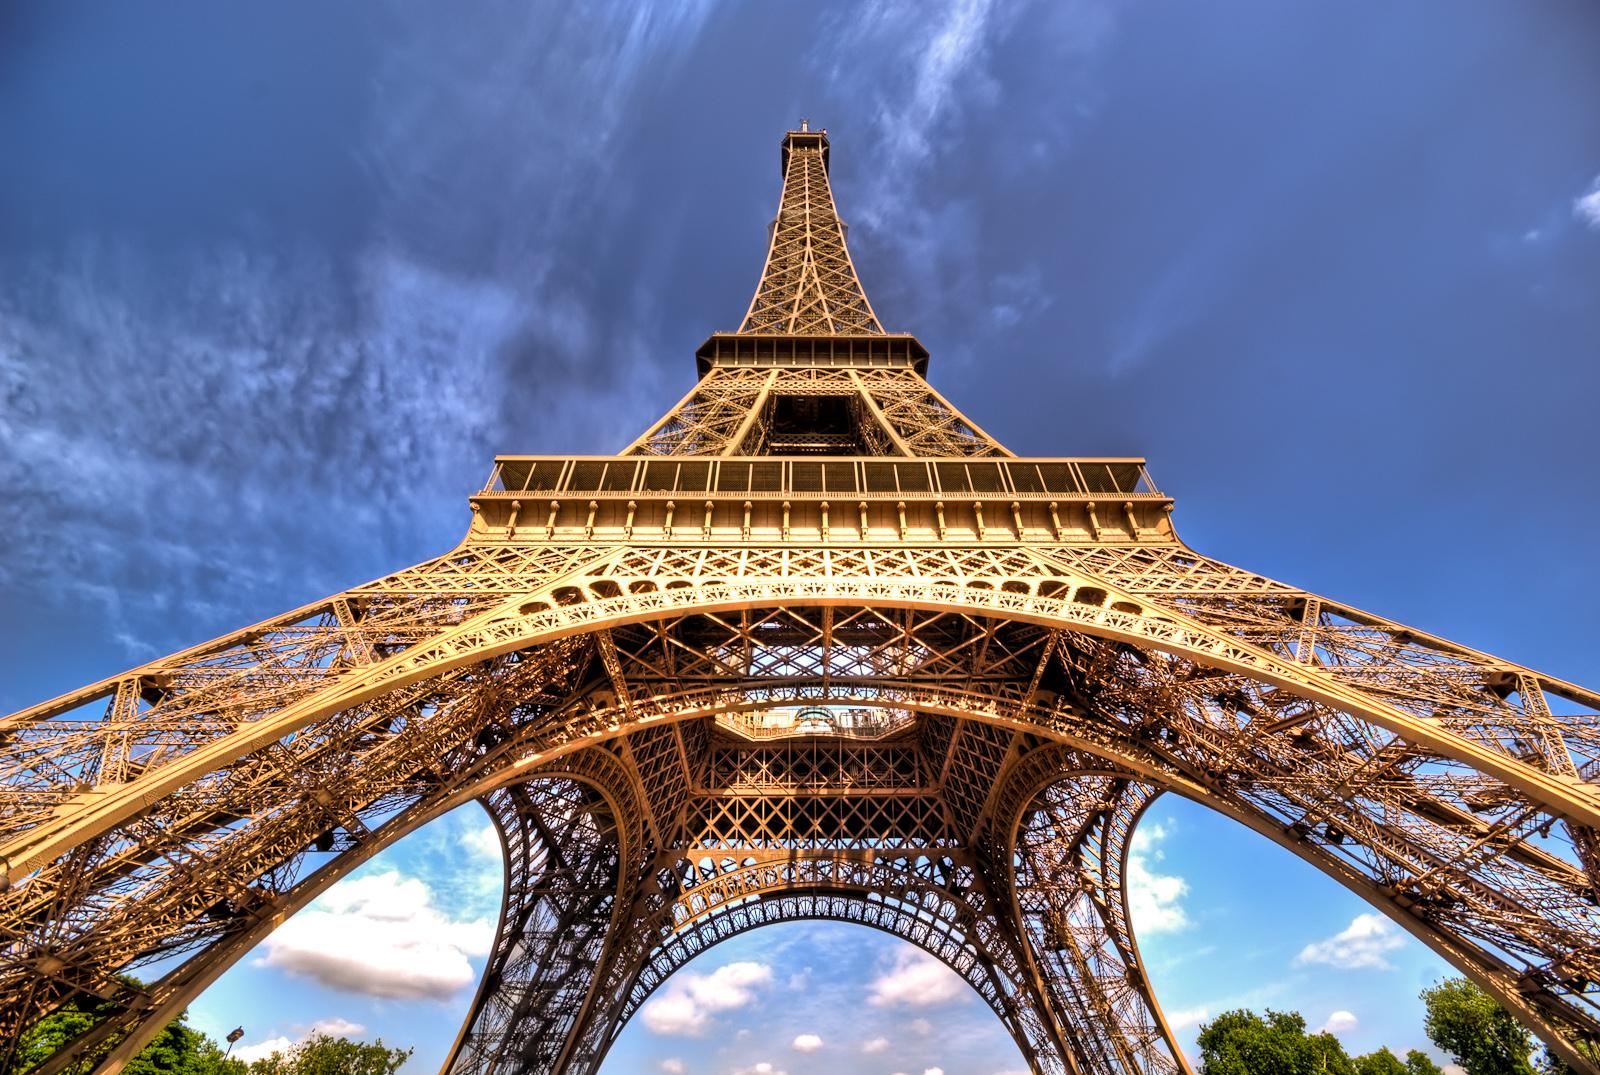 برج إيفل أحد أبرز المعالم السياحية في العالم